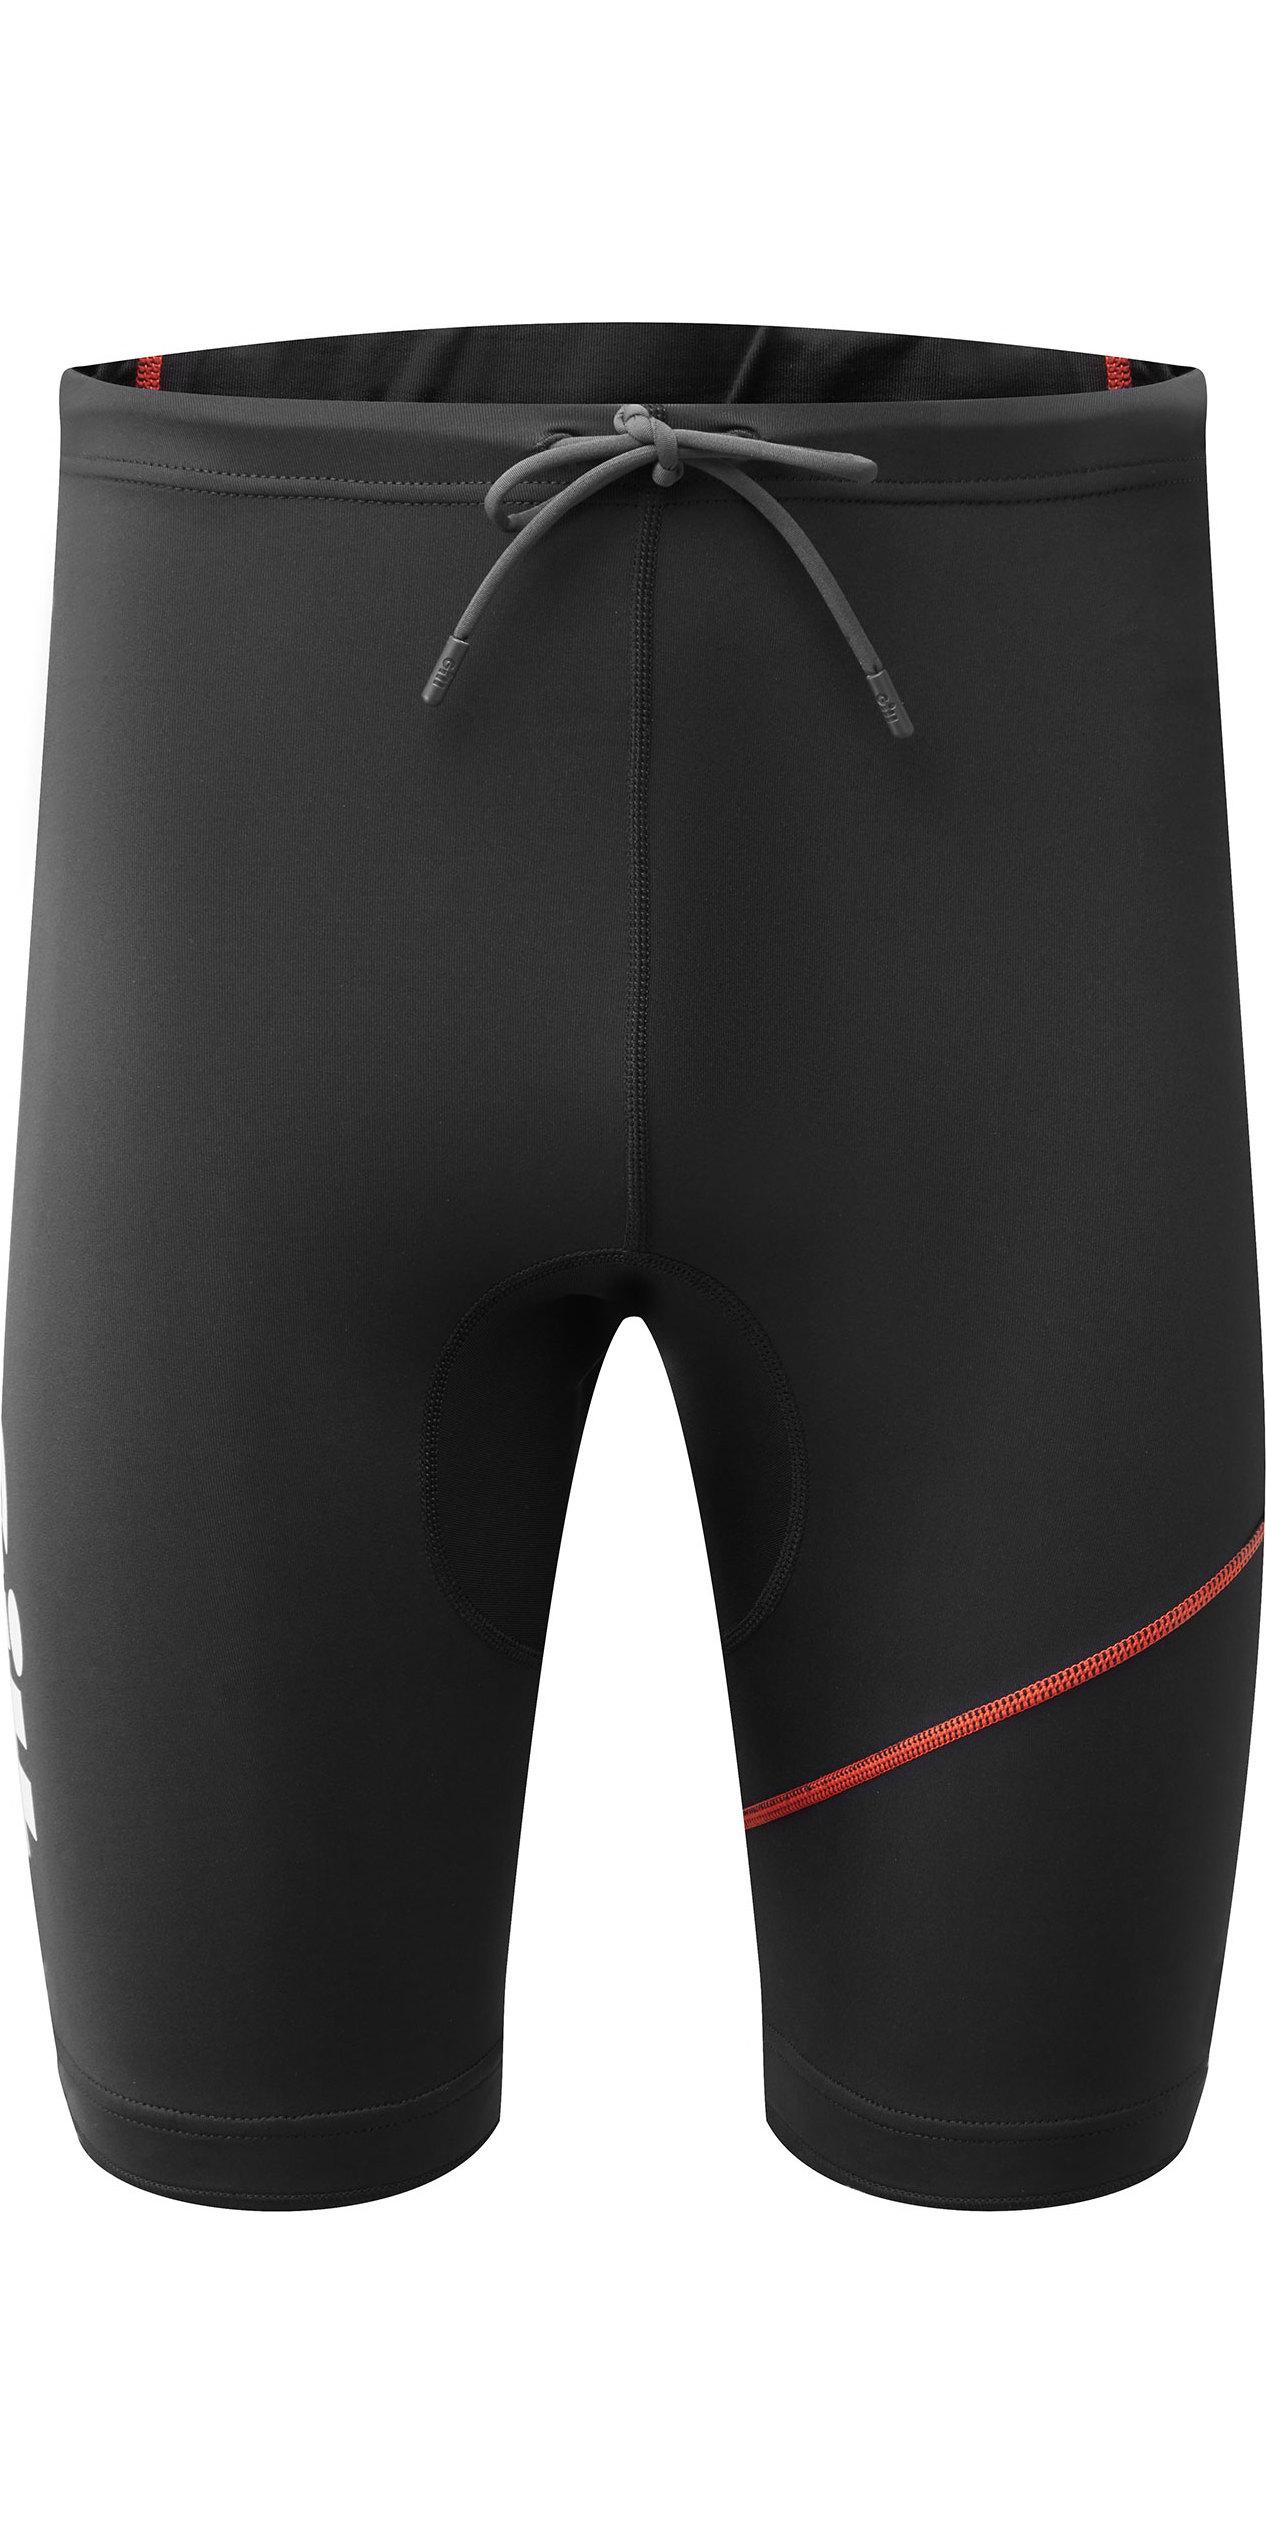 2020 Gill Mens Impact Shorts 5014 - Black